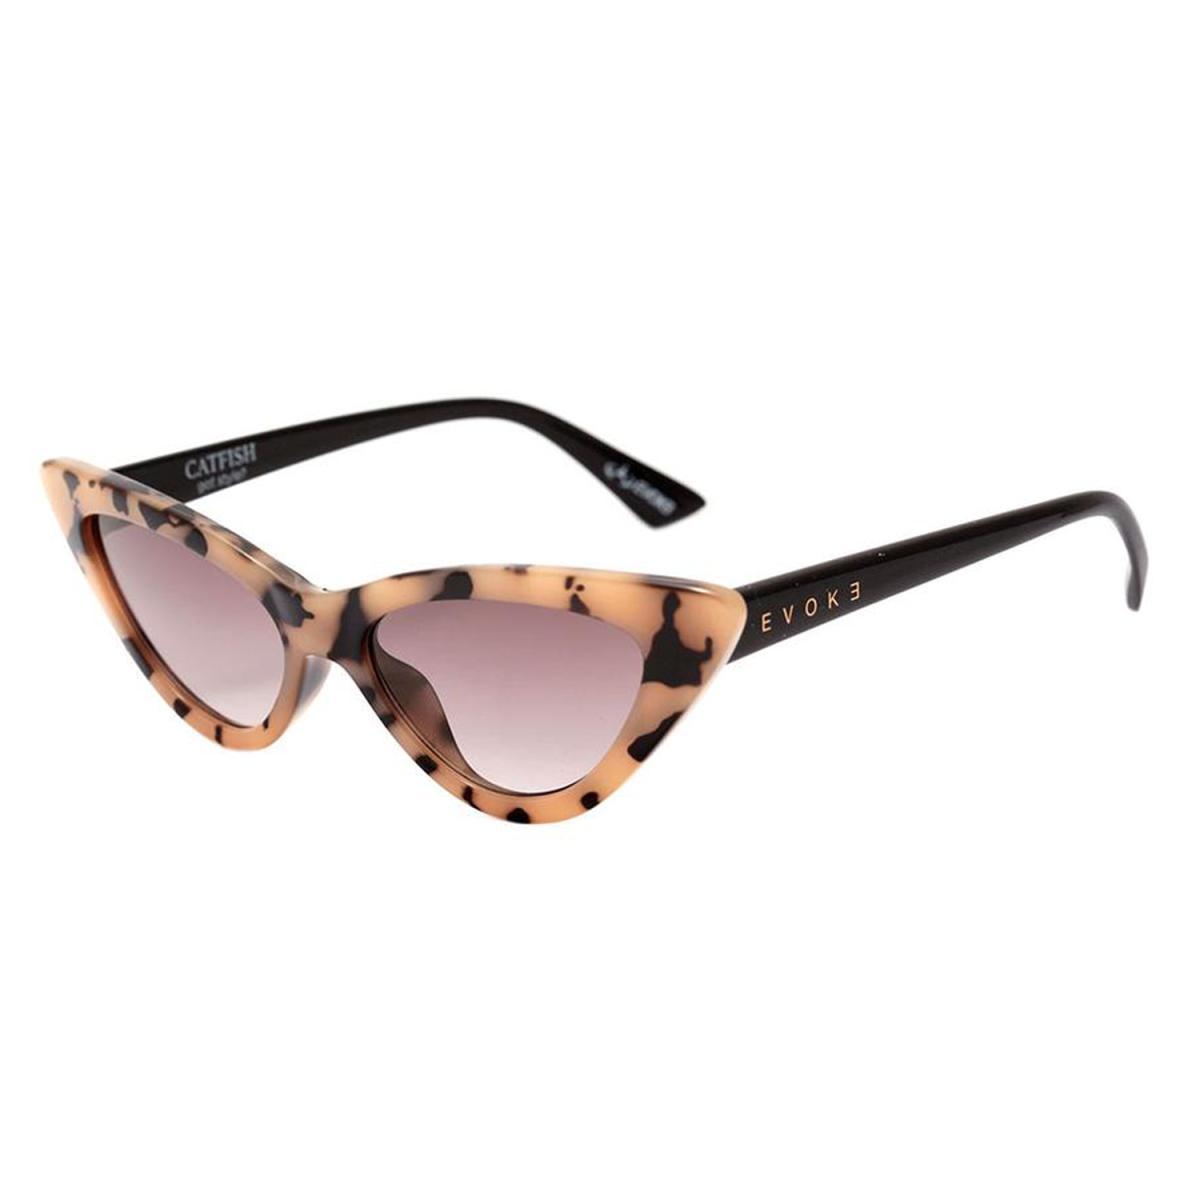 Óculos Evoke -  Catfish G23 Demi Blond